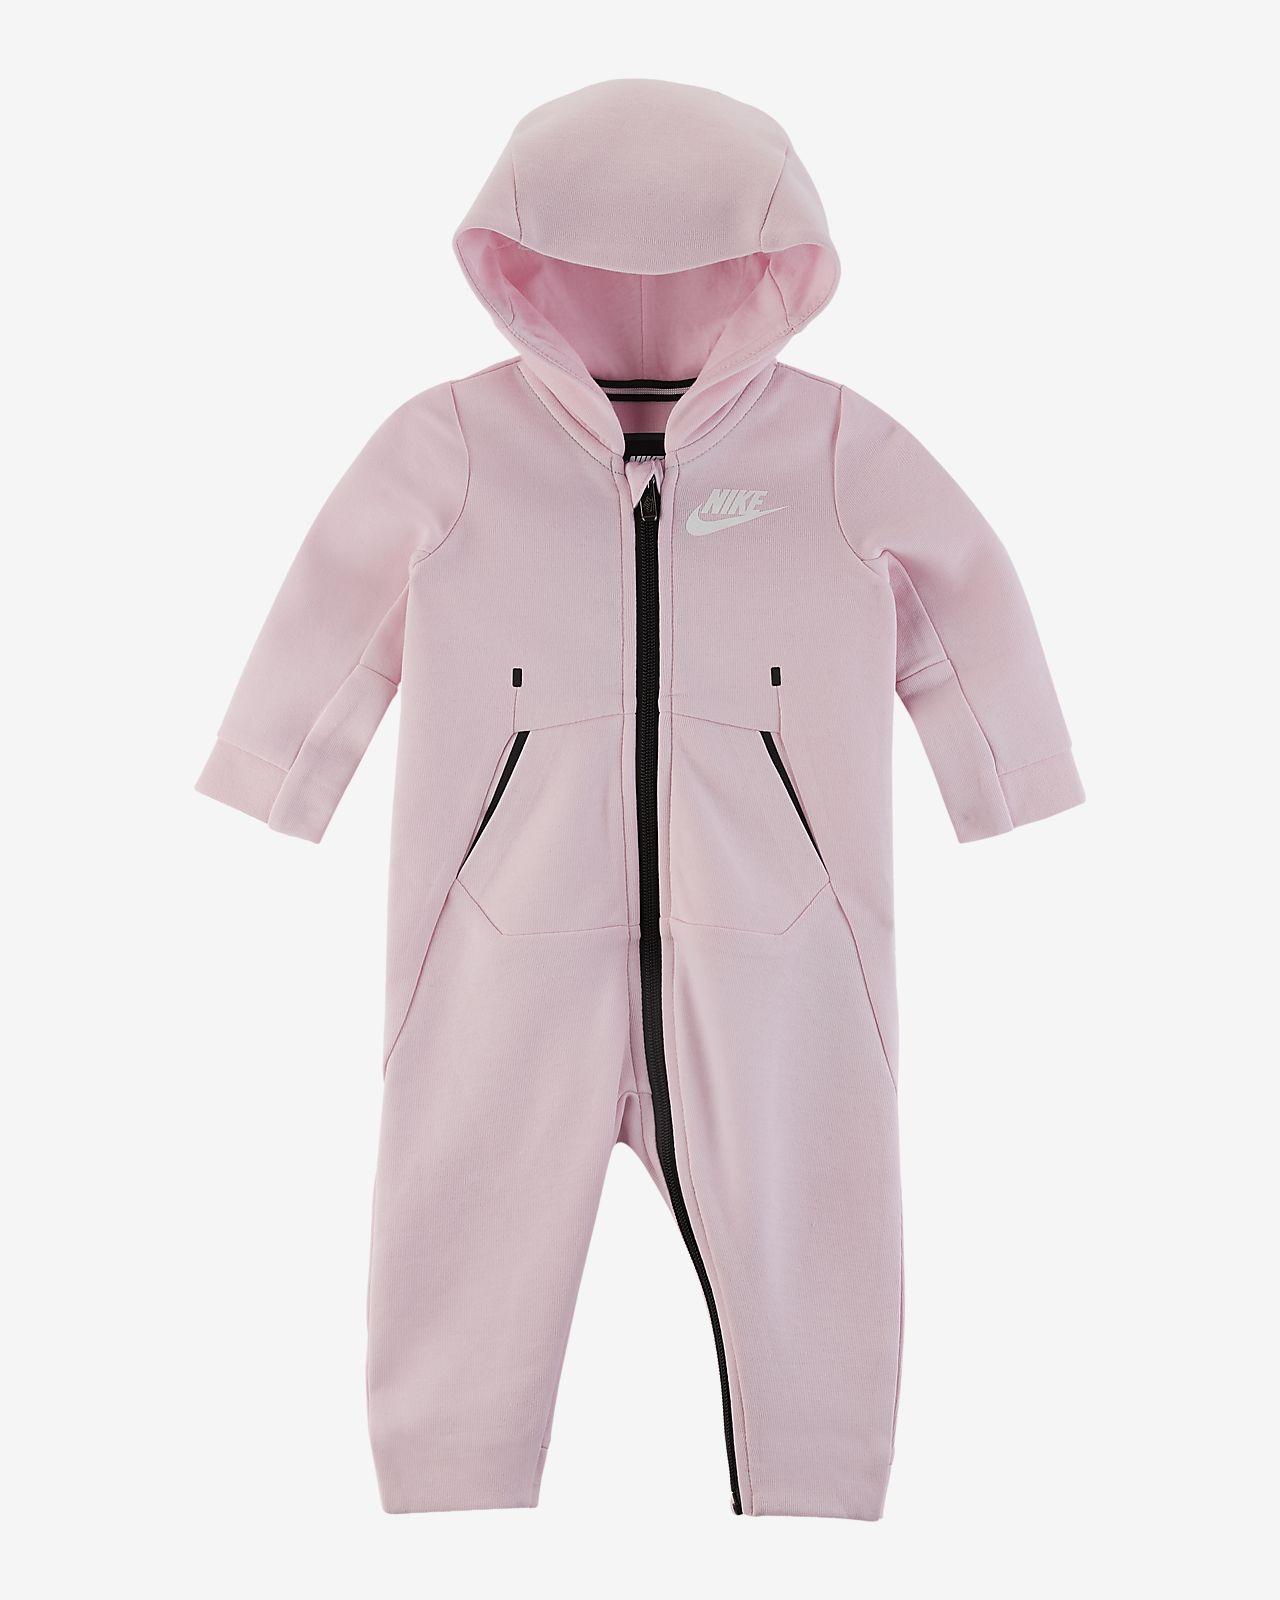 Ολόσωμη φόρμα με κουκούλα Nike Tech Fleece για βρέφη (0-9M)